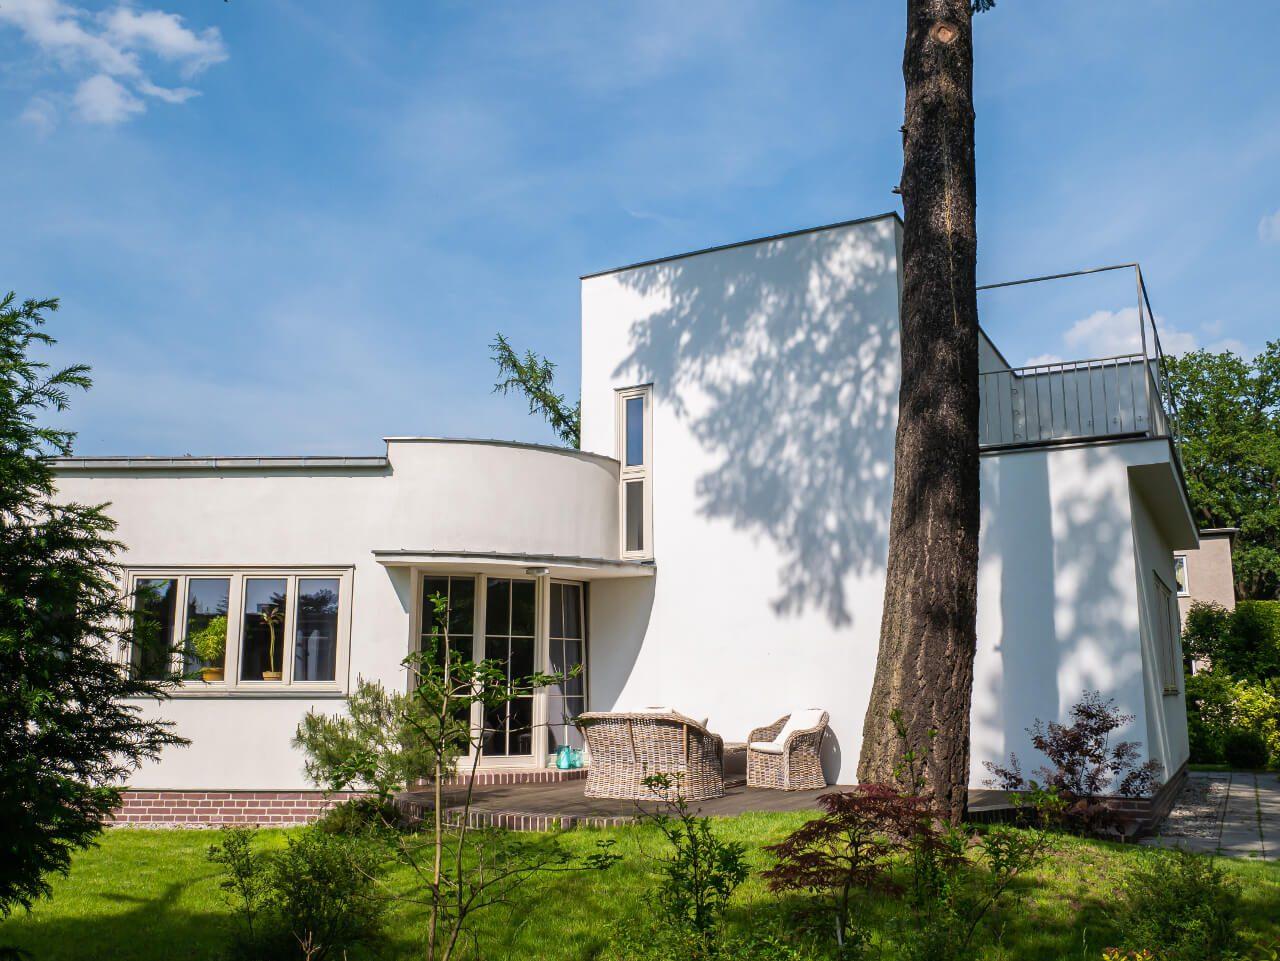 dom jednorodzinny nr 37 wystawa wuwa wrocław